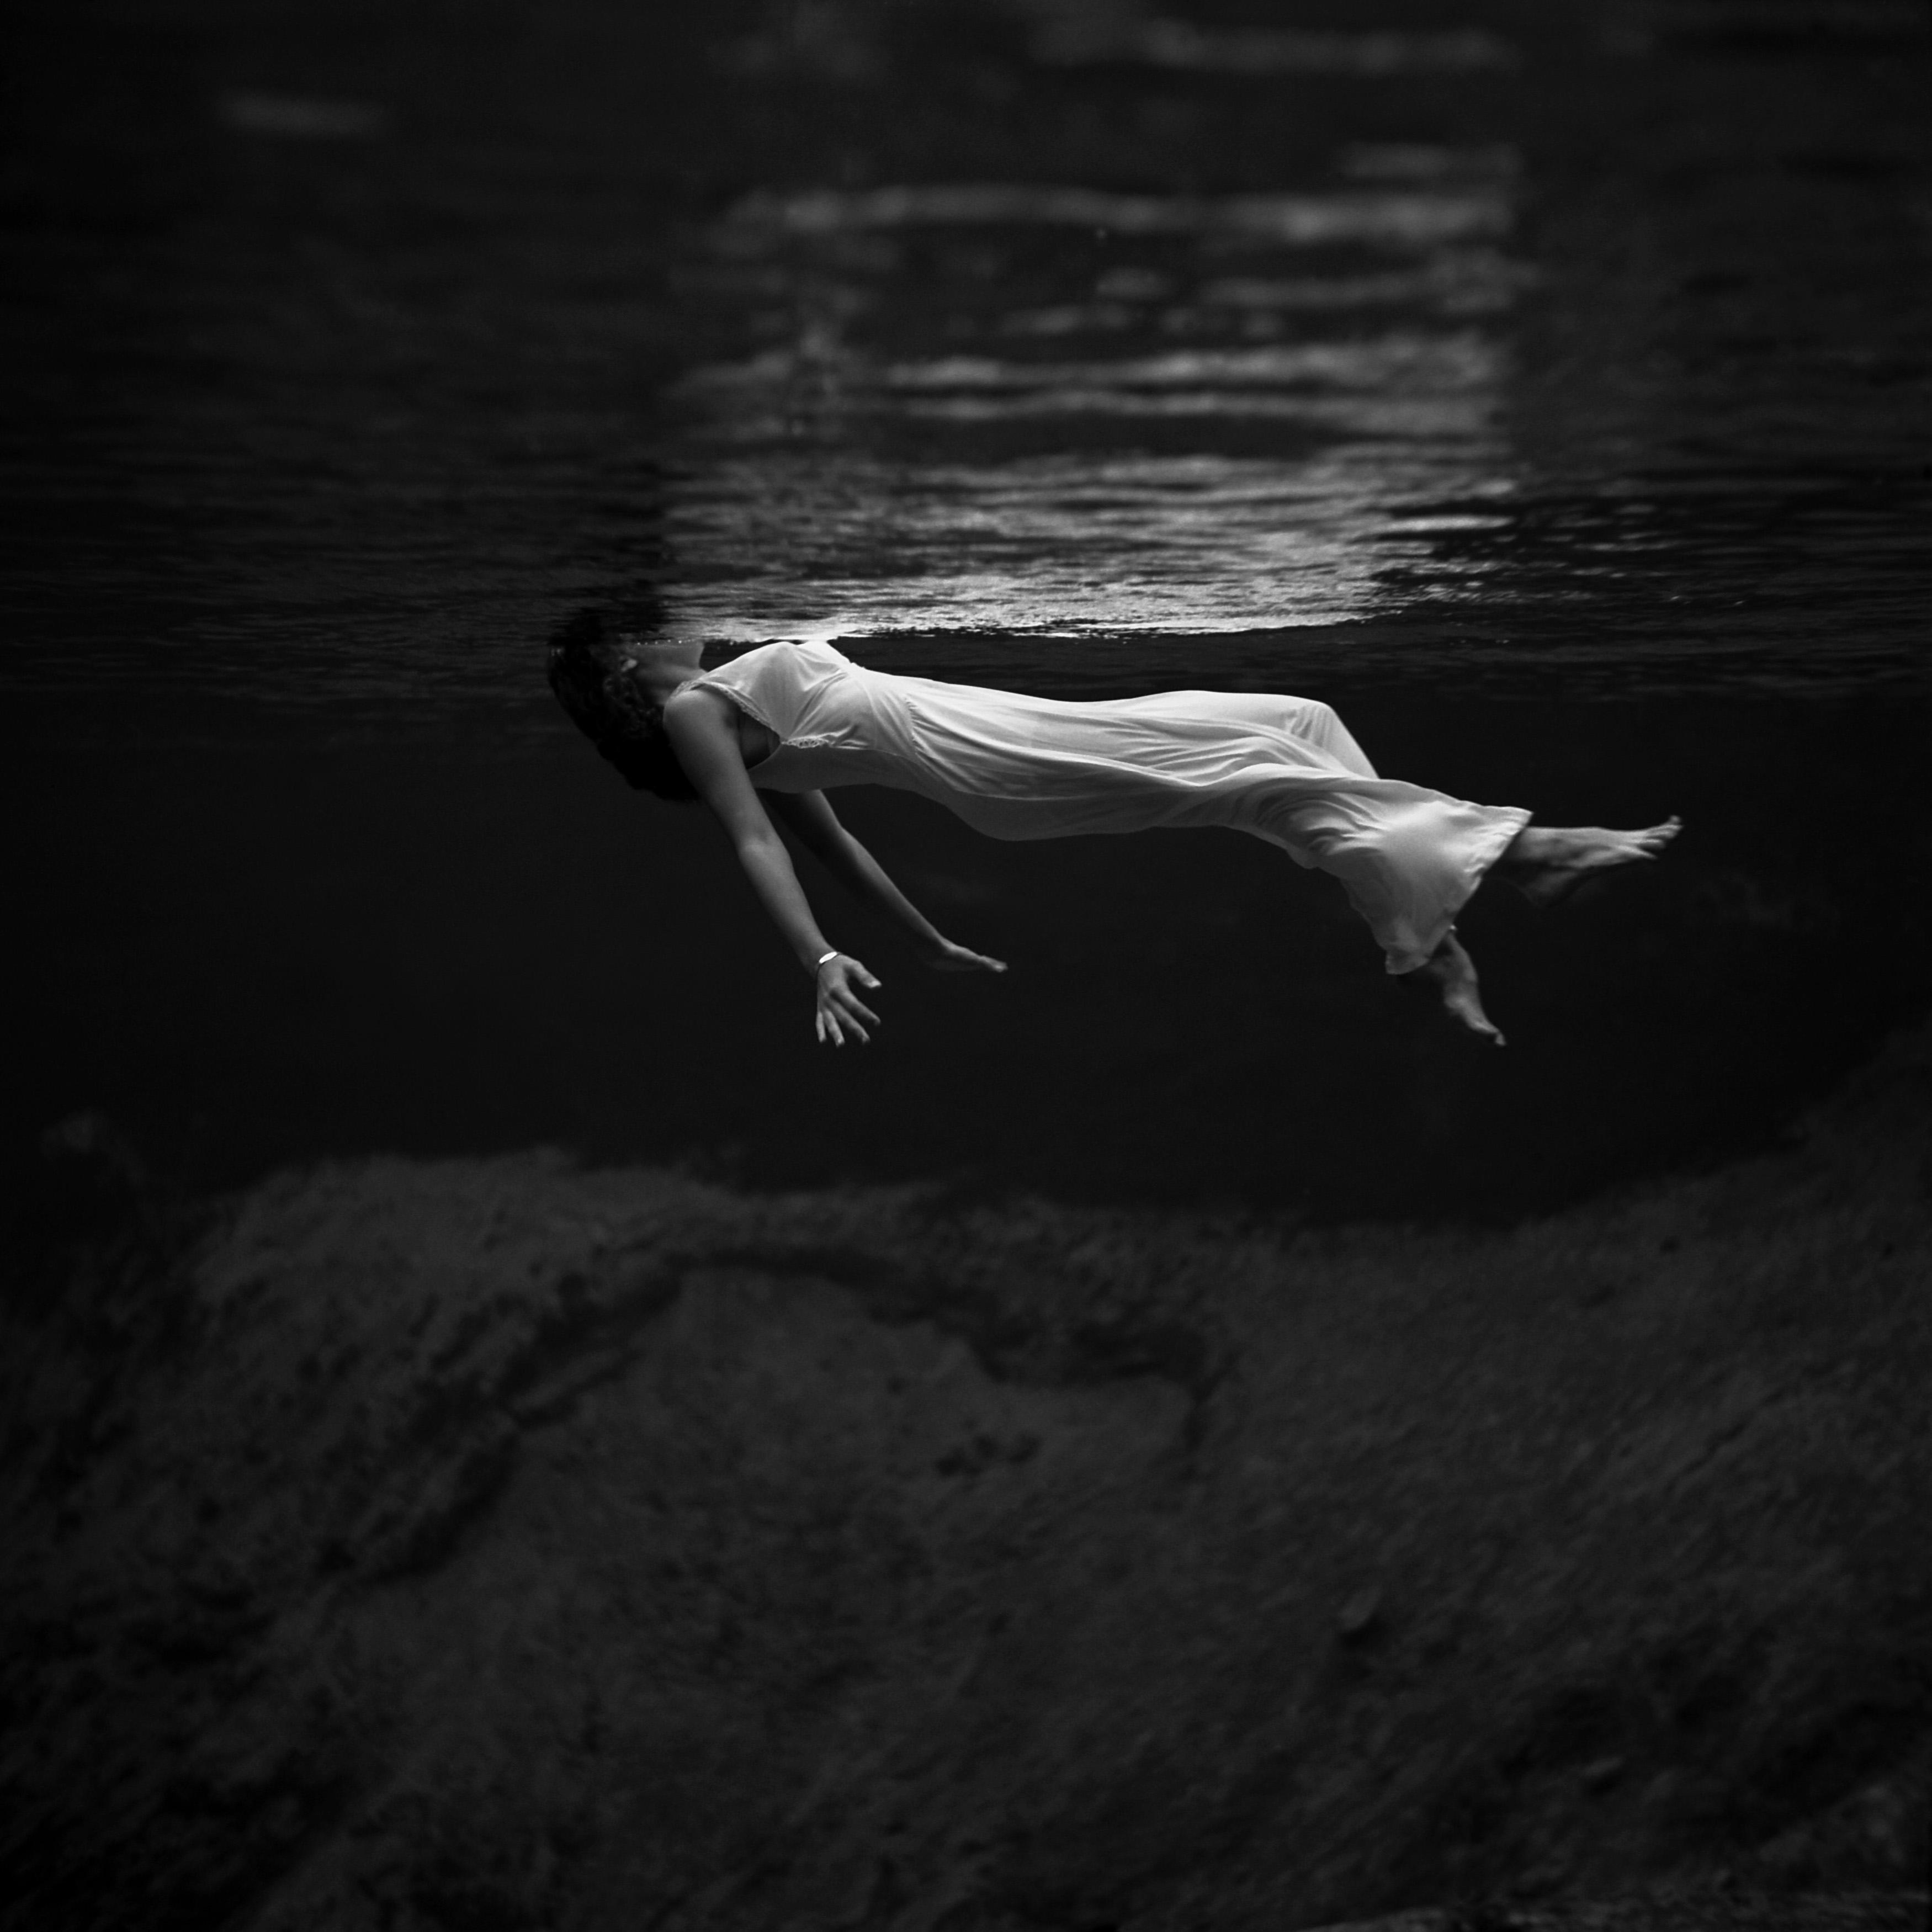 Fotó: Weeki Wachee Spring, 1947 © Toni Frissell